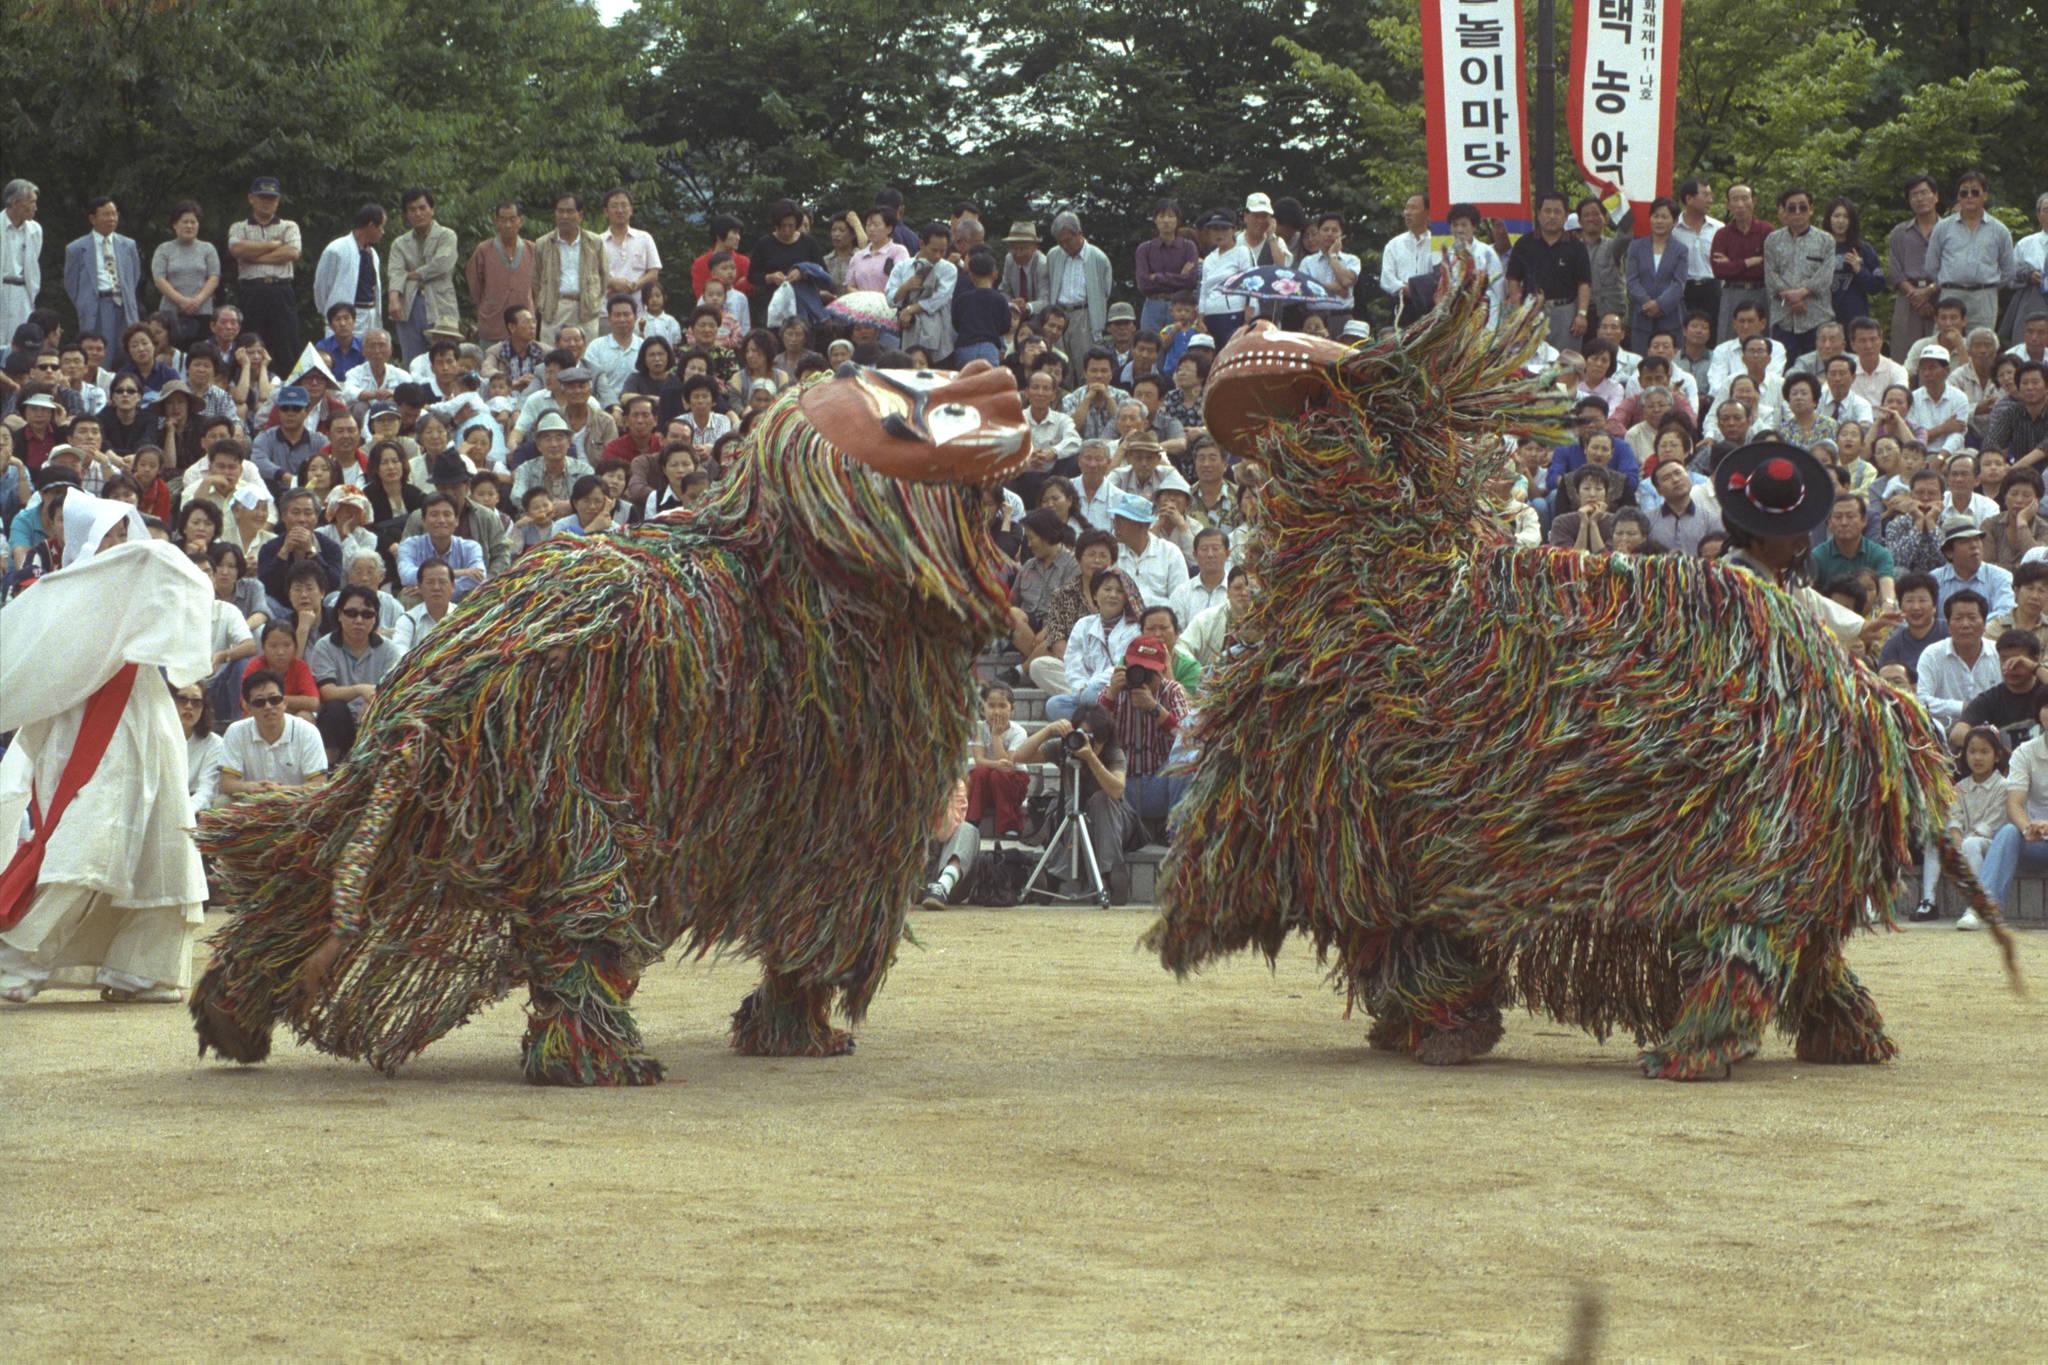 1998년 추석 연휴 마지막날인 10월 6일 시민들이 서울놀이마당에서 열린 민속공연 '북청사자놀이'중 병신춤 장면을 보며 즐거워하고 있다.[중앙포토]